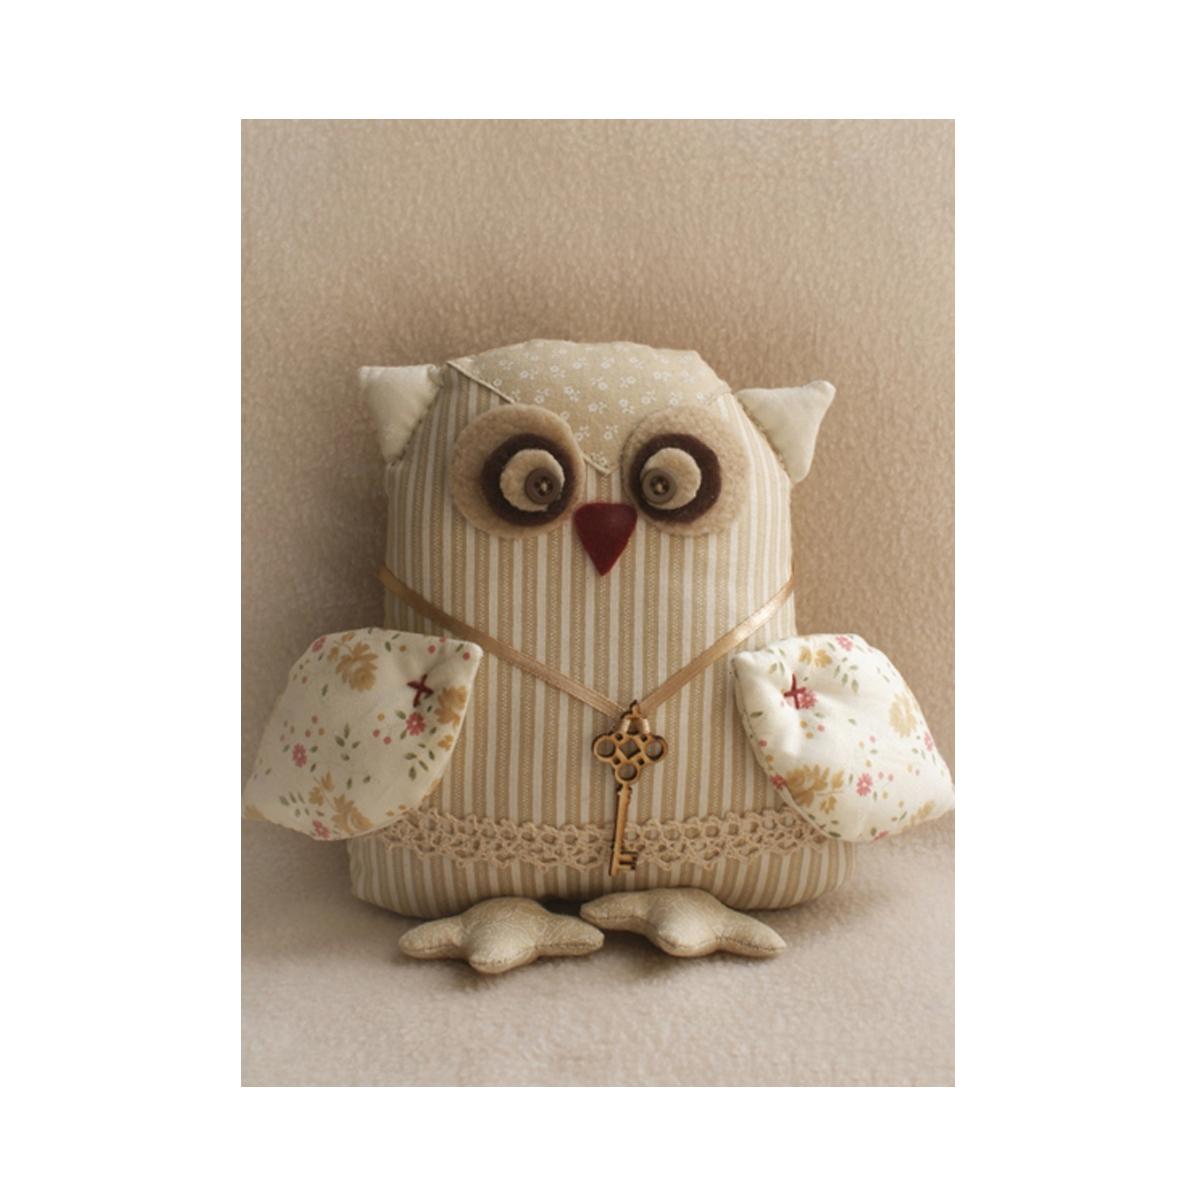 Набор для изготовления игрушки Ваниль Owl'S Story, 21 см. OW002 наборы для шитья ваниль набор для изготовления игрушки cat s story c005 котик с рыбкой 21 см